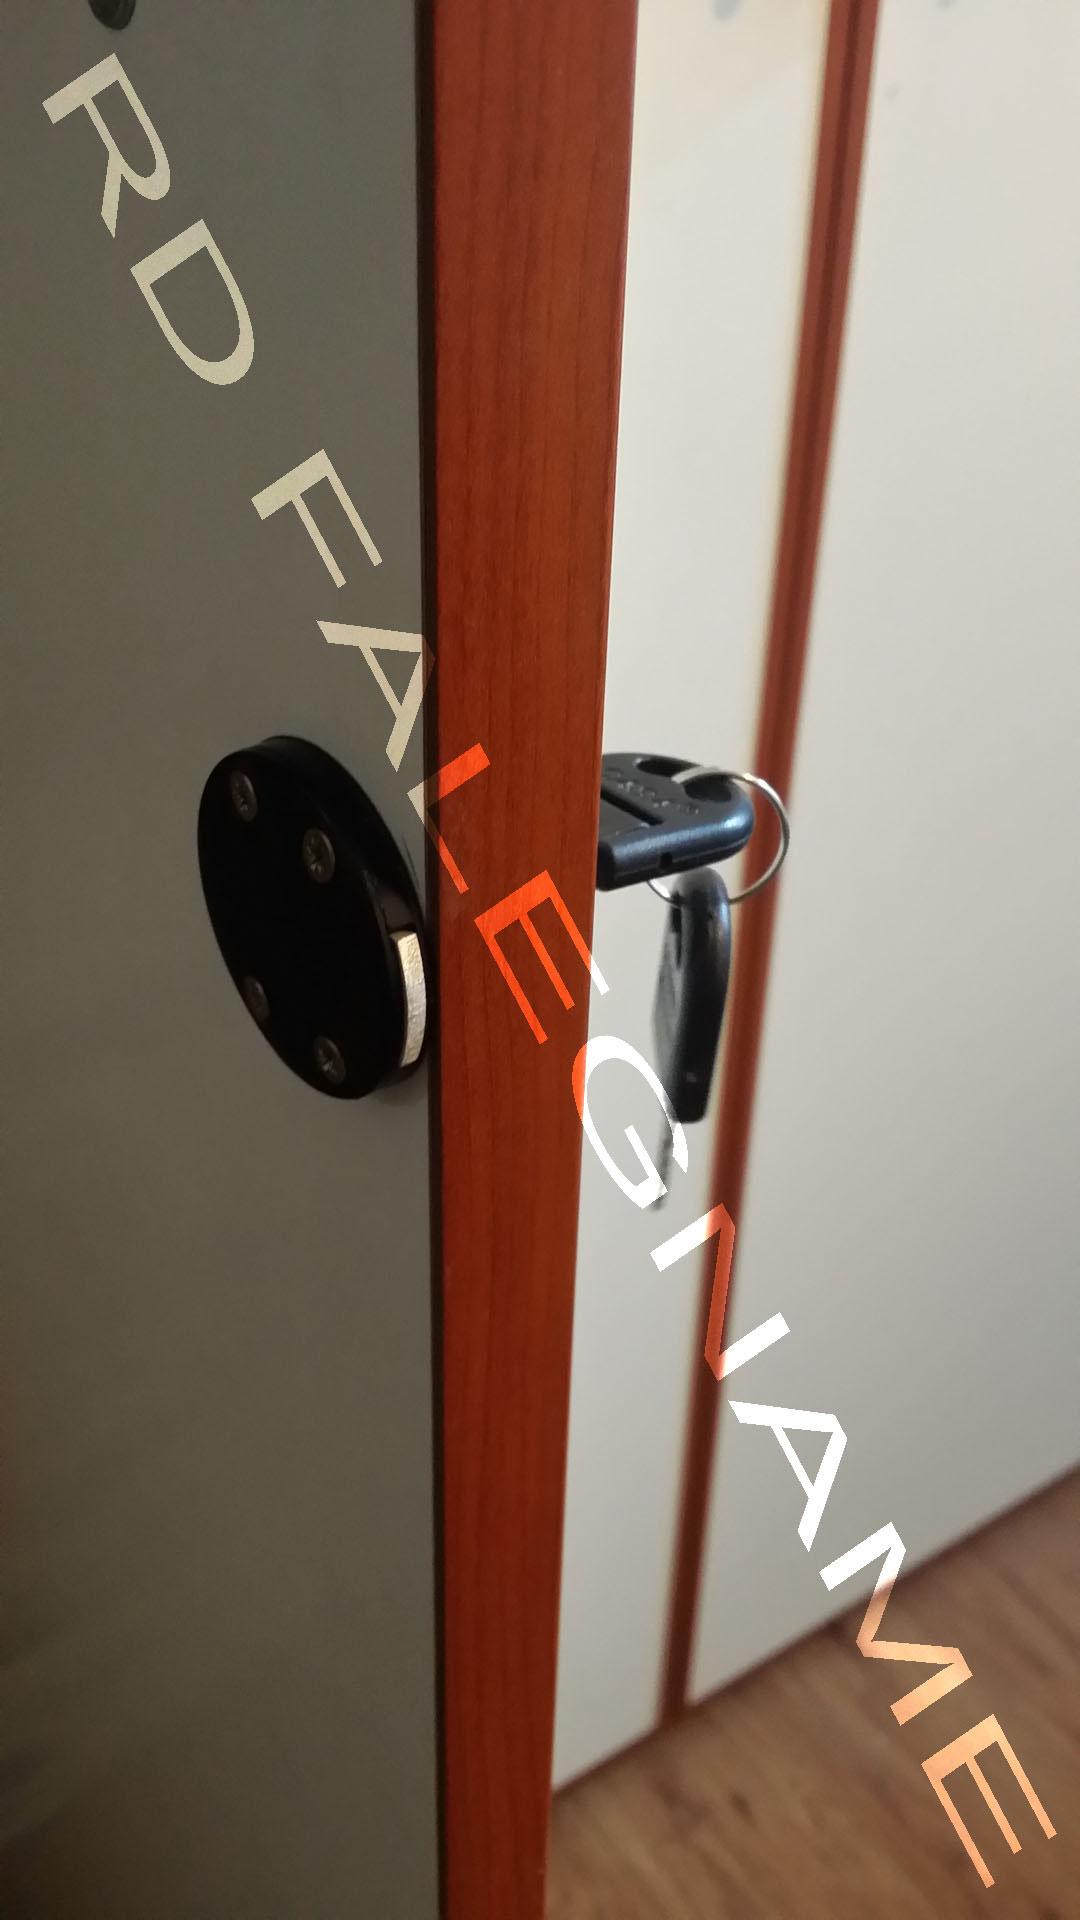 serratura per la chiusura a chiave delle ante di armadi in legno e ferro